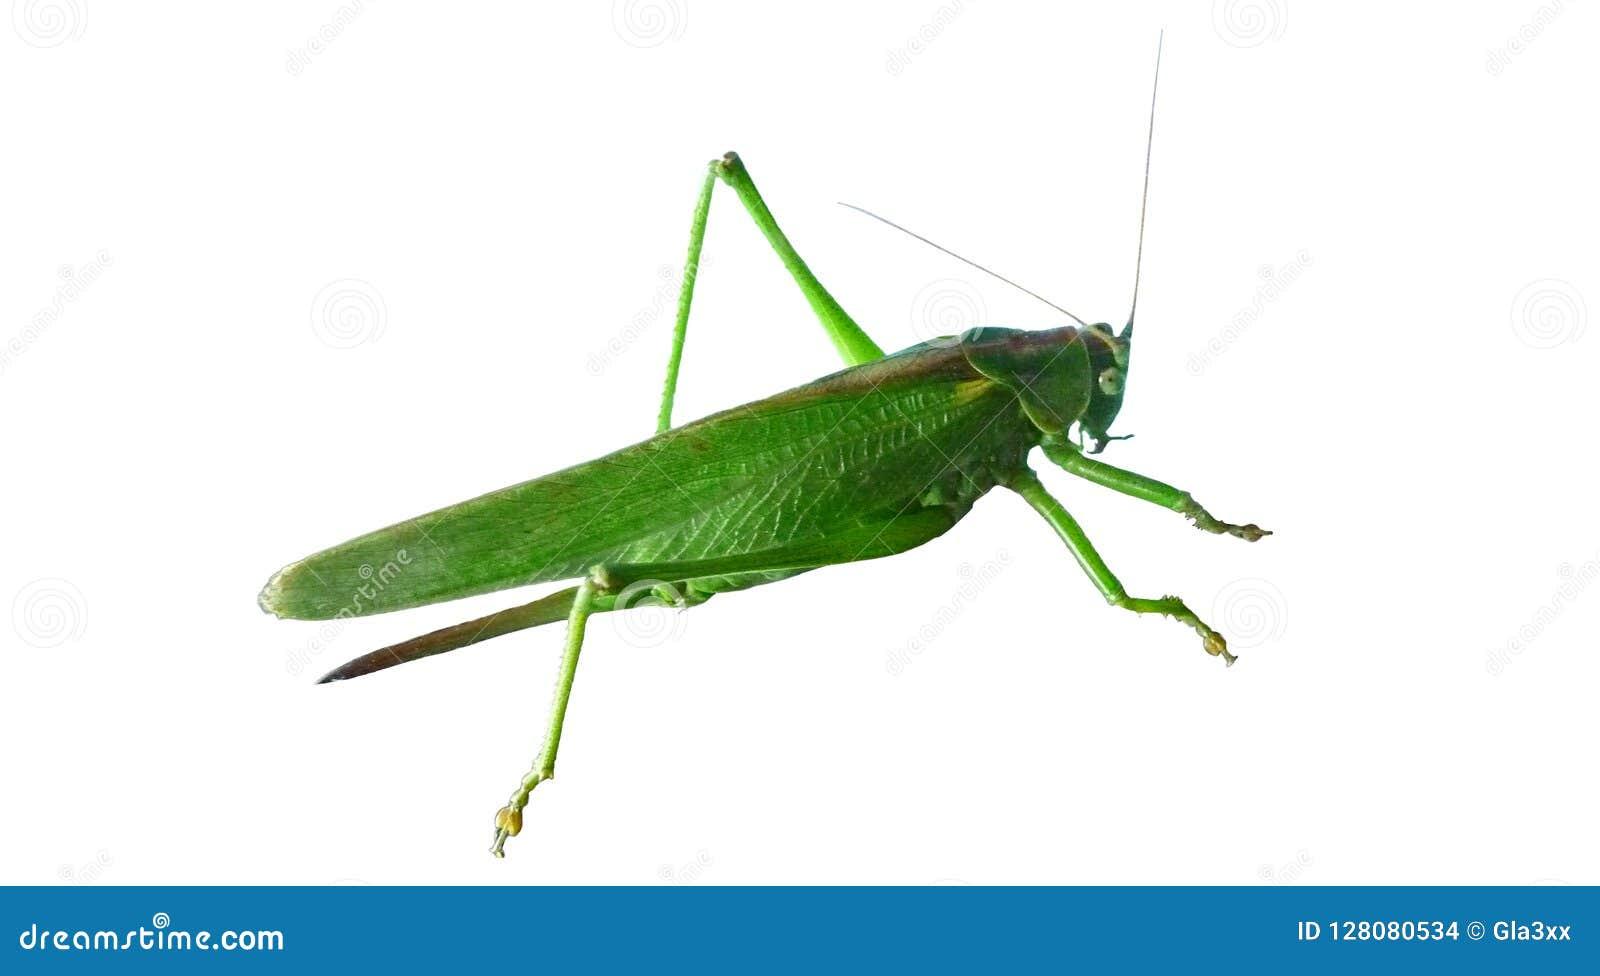 Groene sprinkhaan sprinkhaan